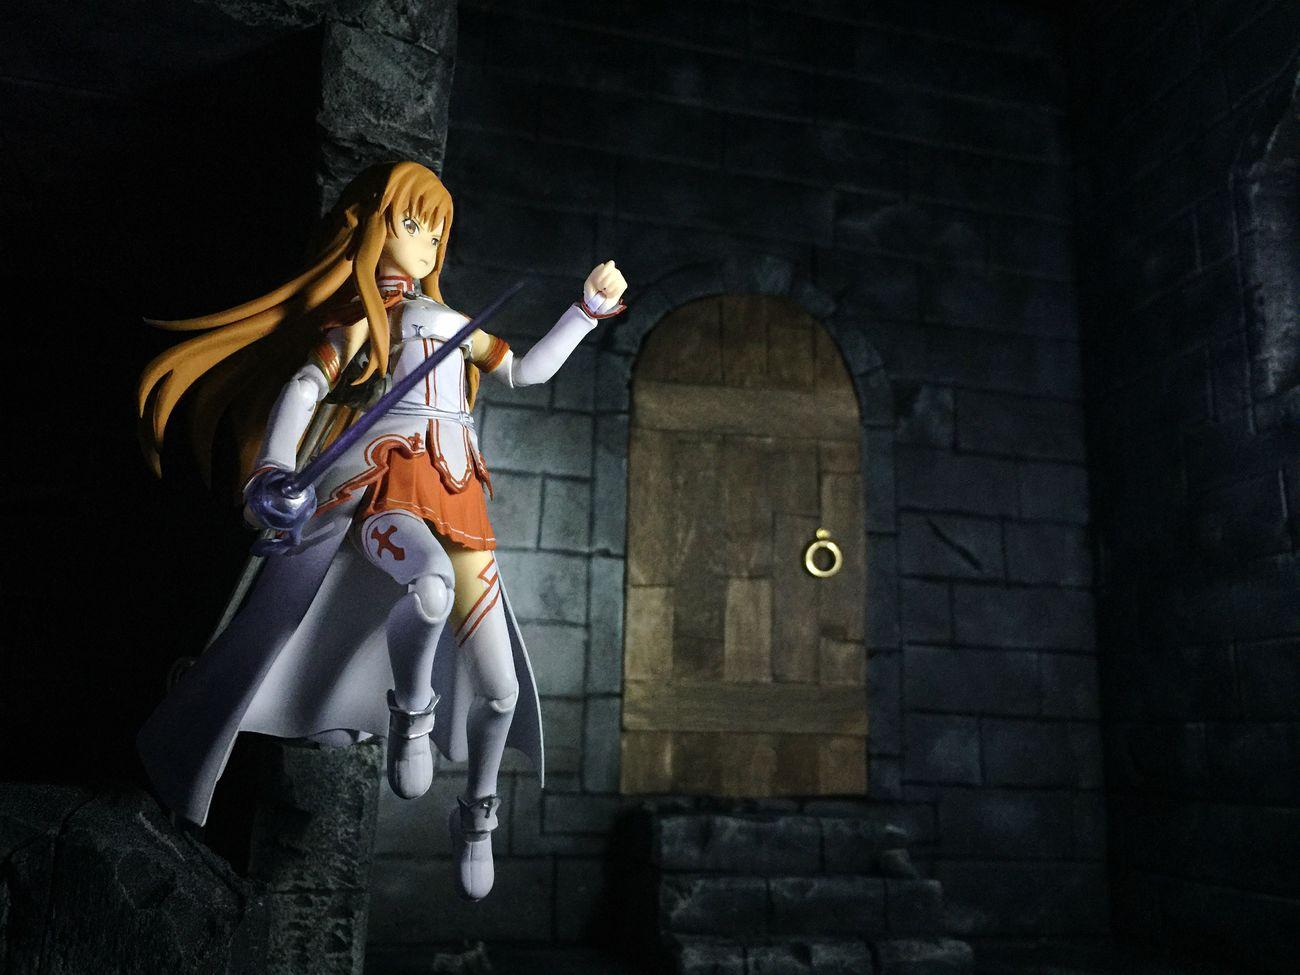 Asuna SwordArtOnline Sao Anime Toyphotography Toycollector Castle Diorama